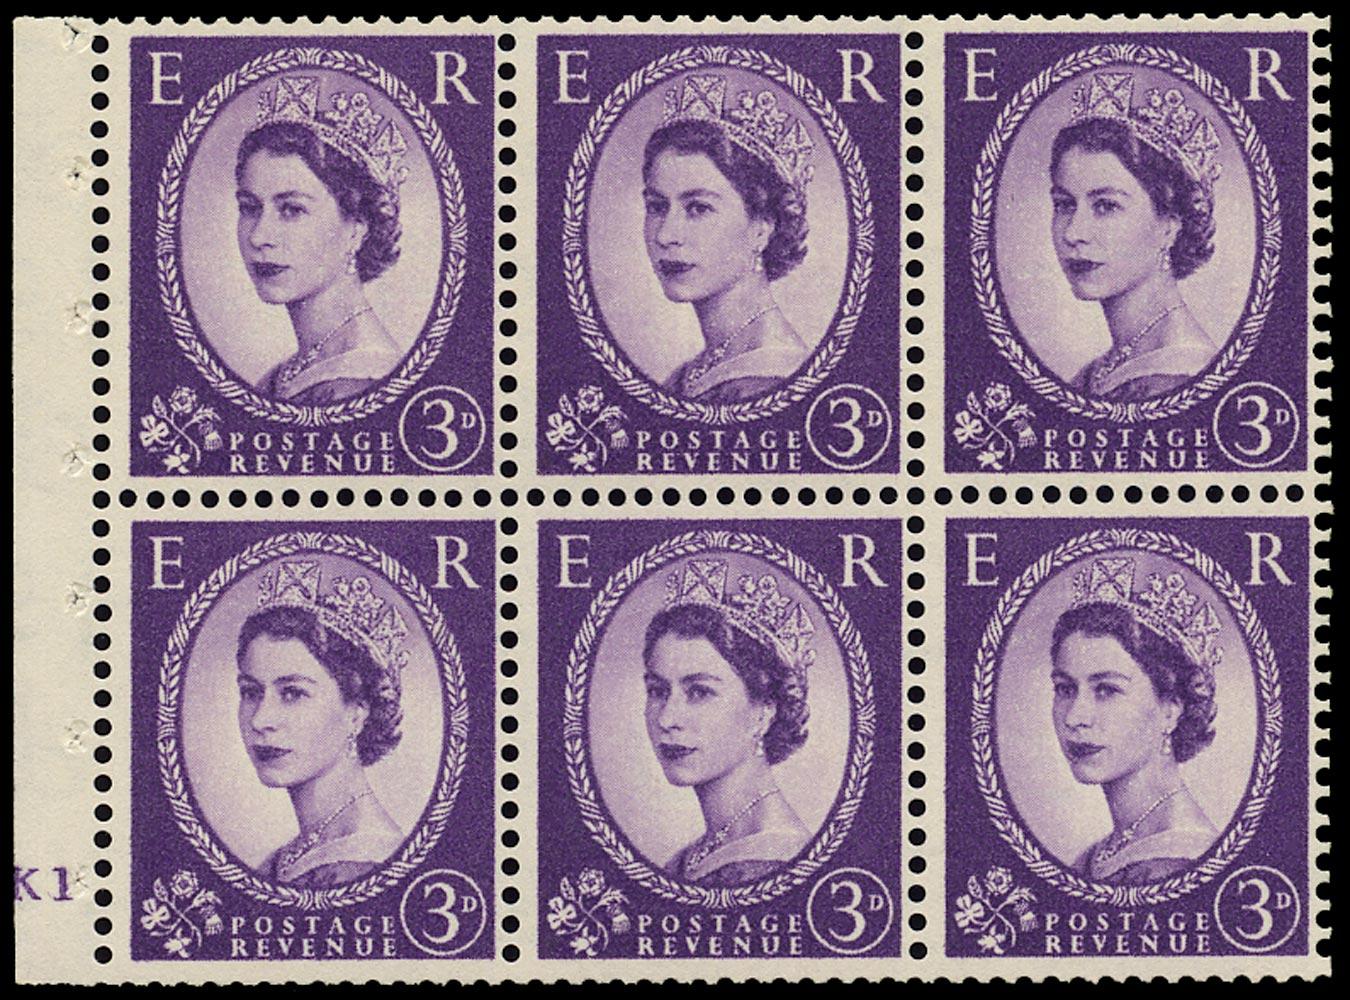 GB 1957  SG545l Booklet pane - Cylinder K1 (No dot)